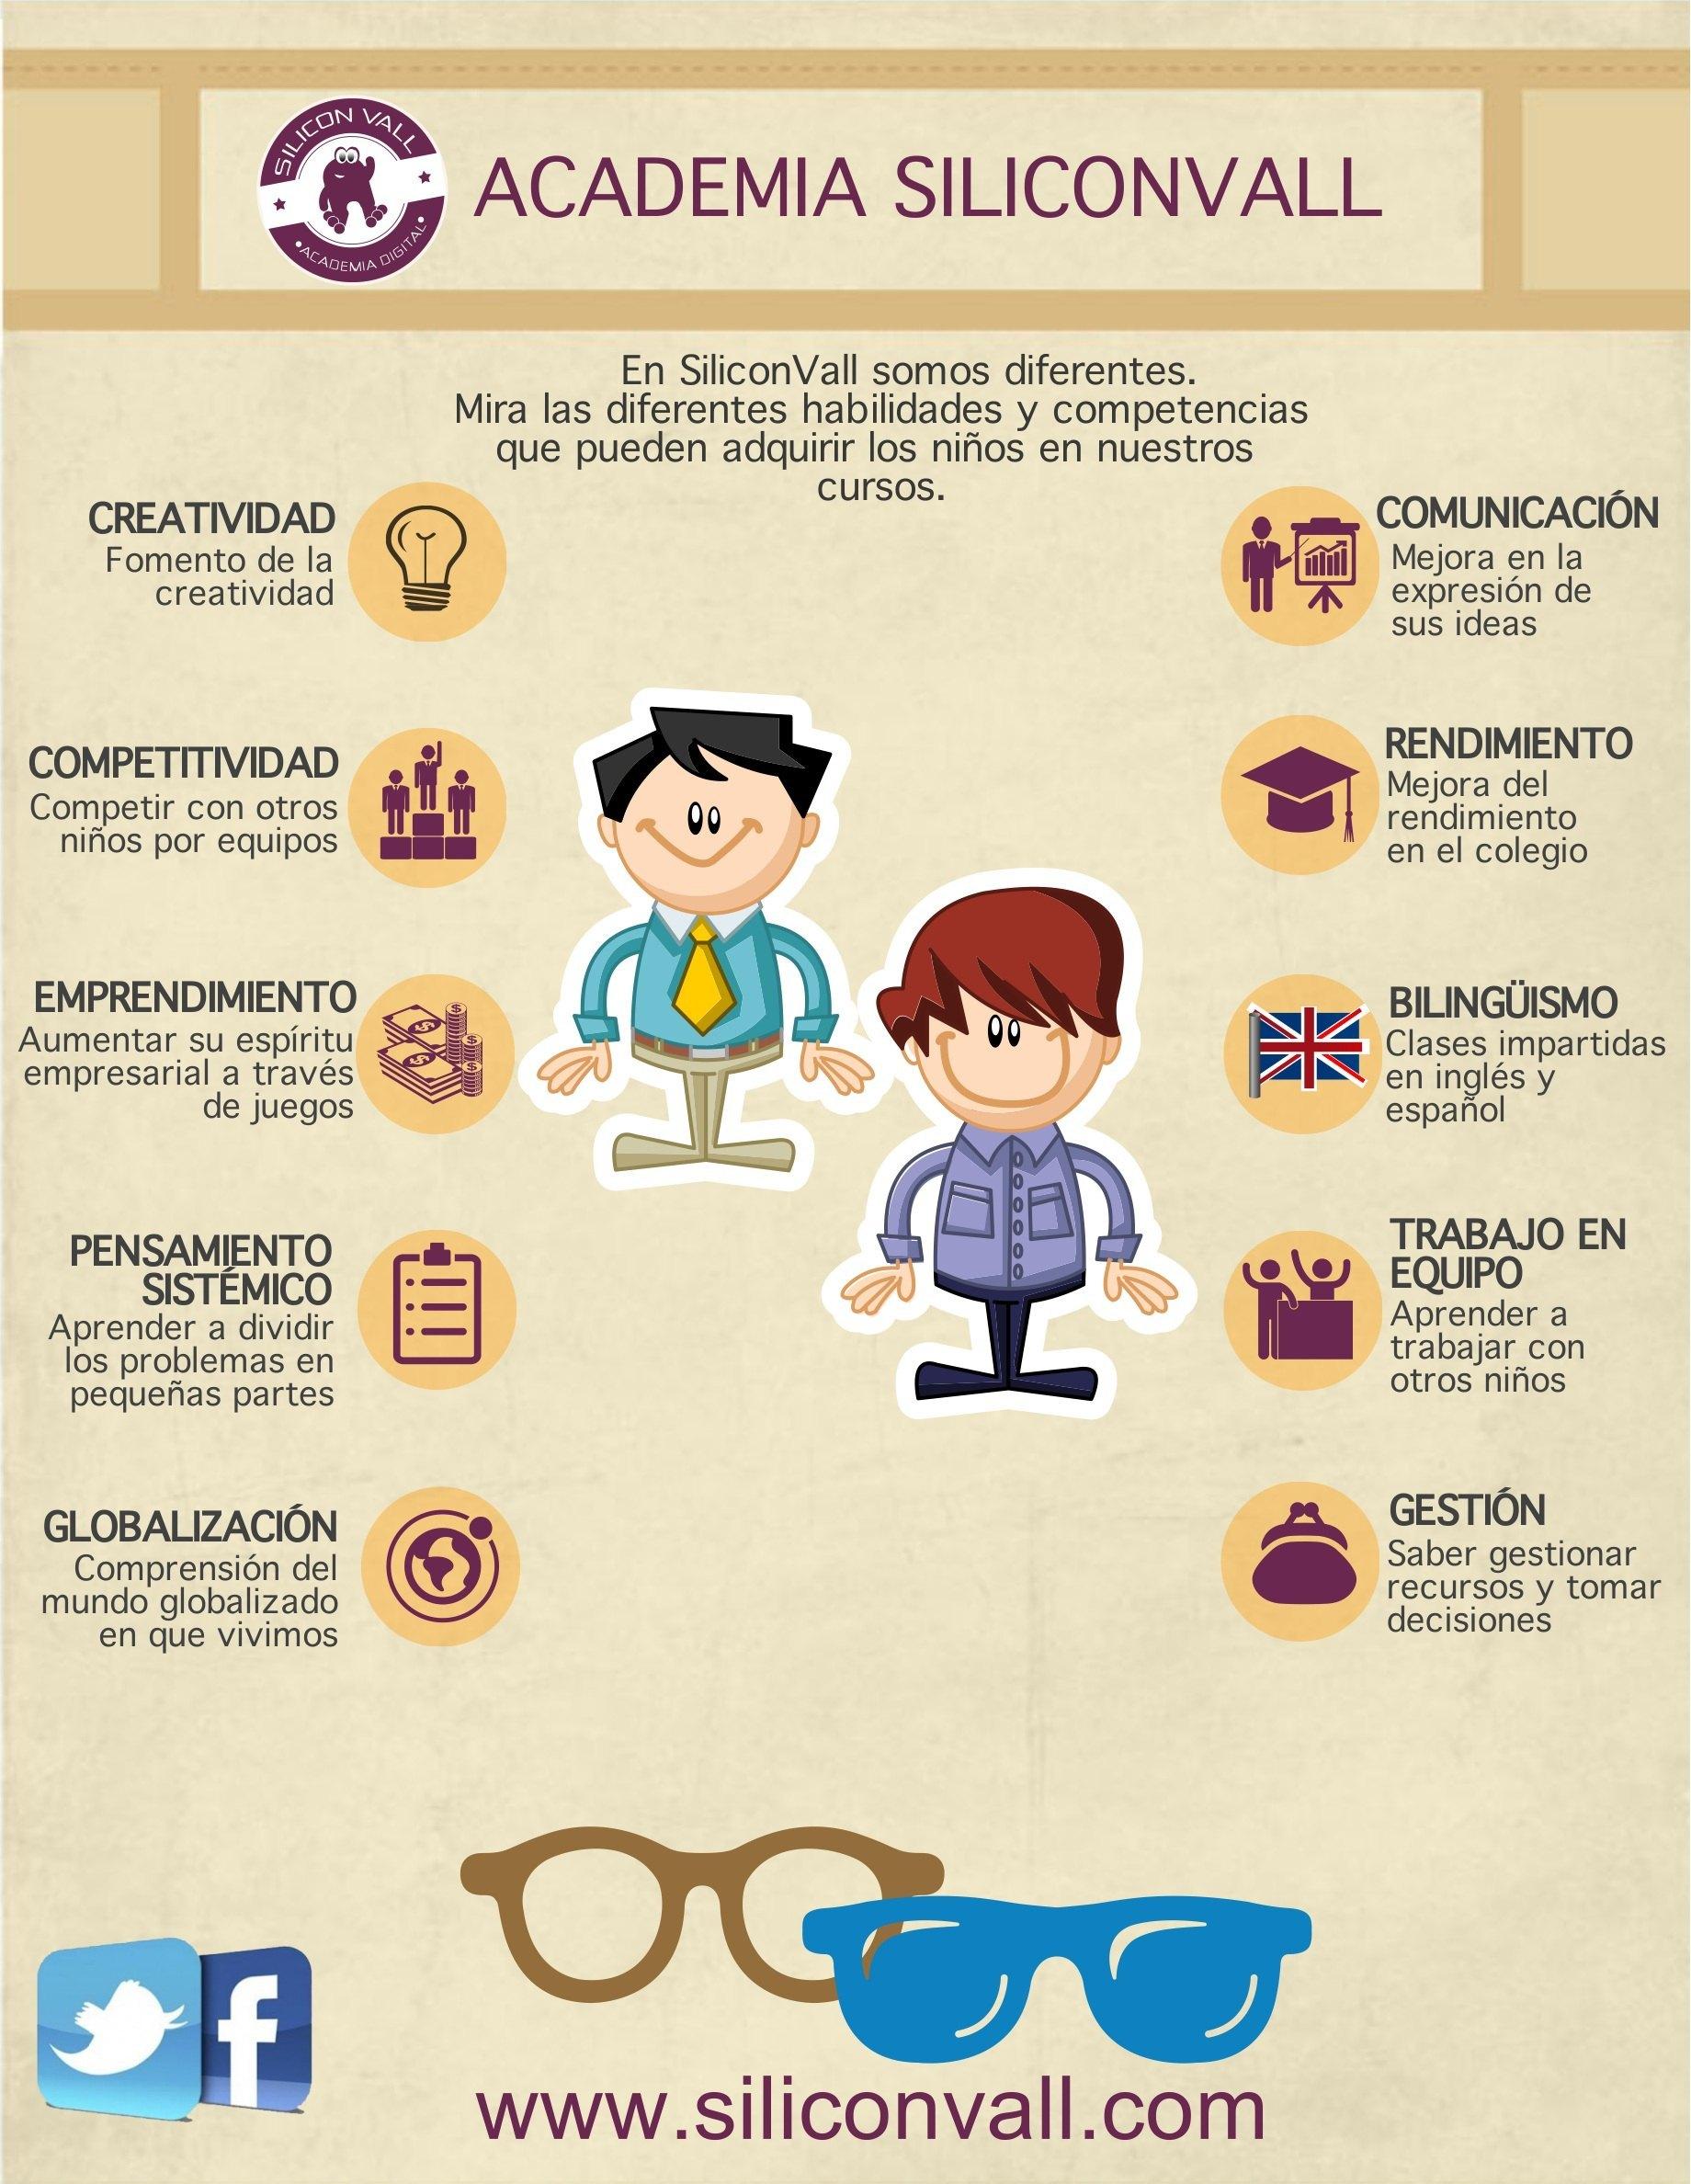 Qué habilidades se desarrollan al estudiar en la Academia SiliconVall